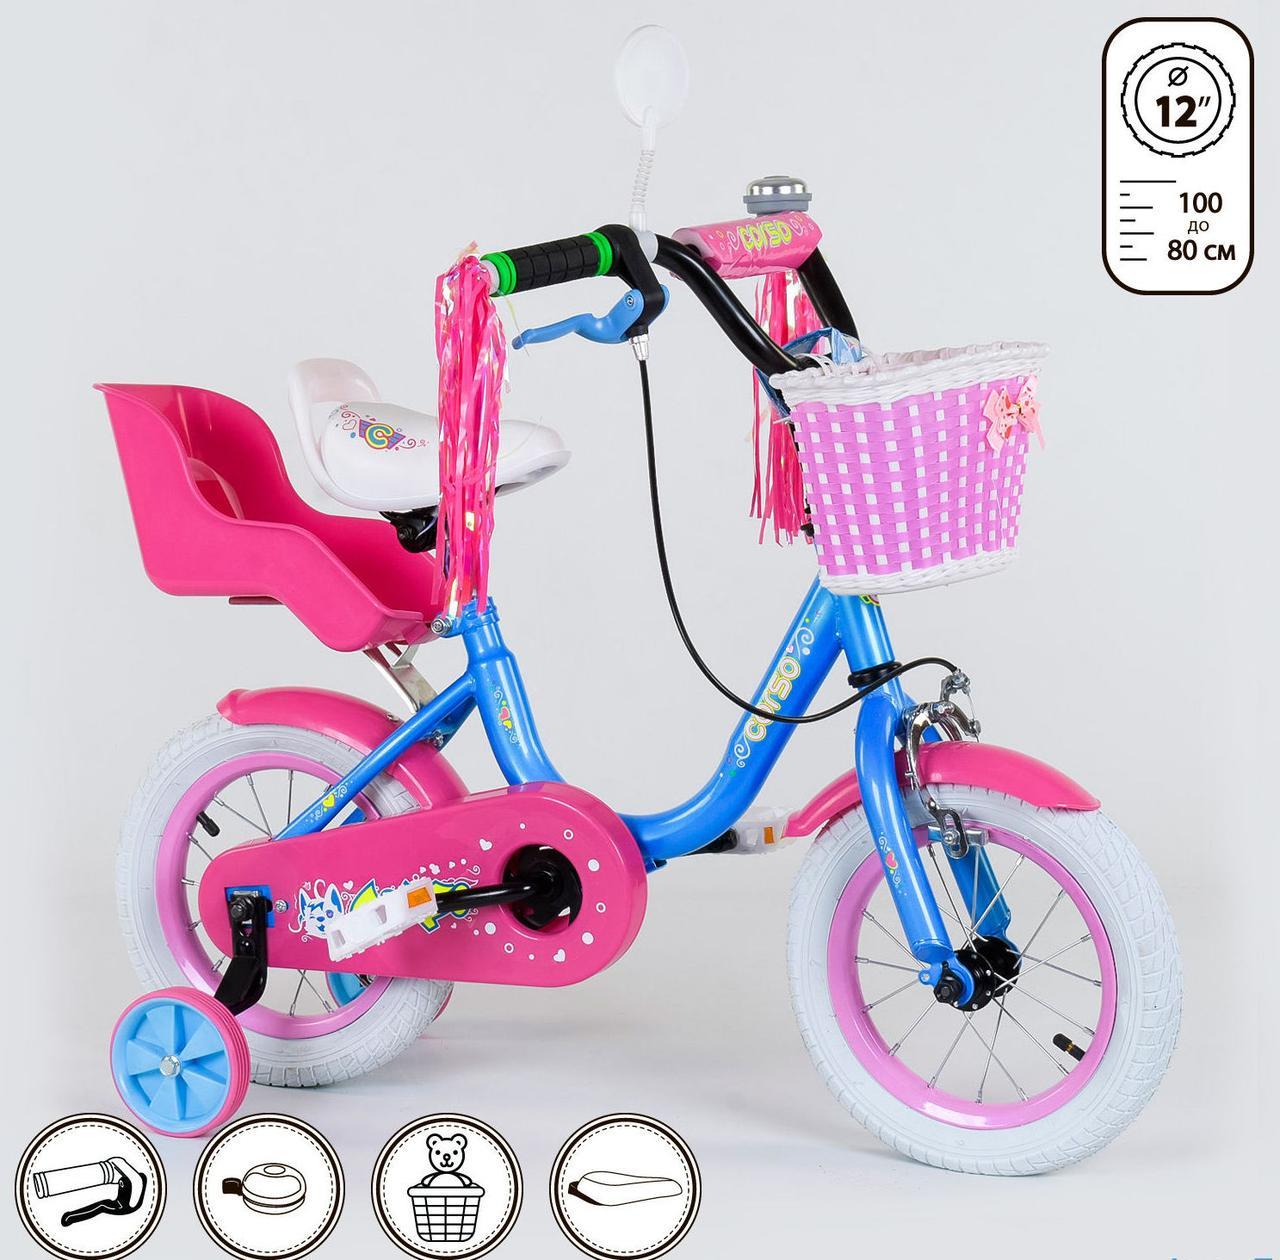 """Велосипед 12"""" дюймов 2-х колёсный 1291 """"CORSO"""" (1) новый ручной тормоз, корзинка, звоночек, сидение с ручкой,"""